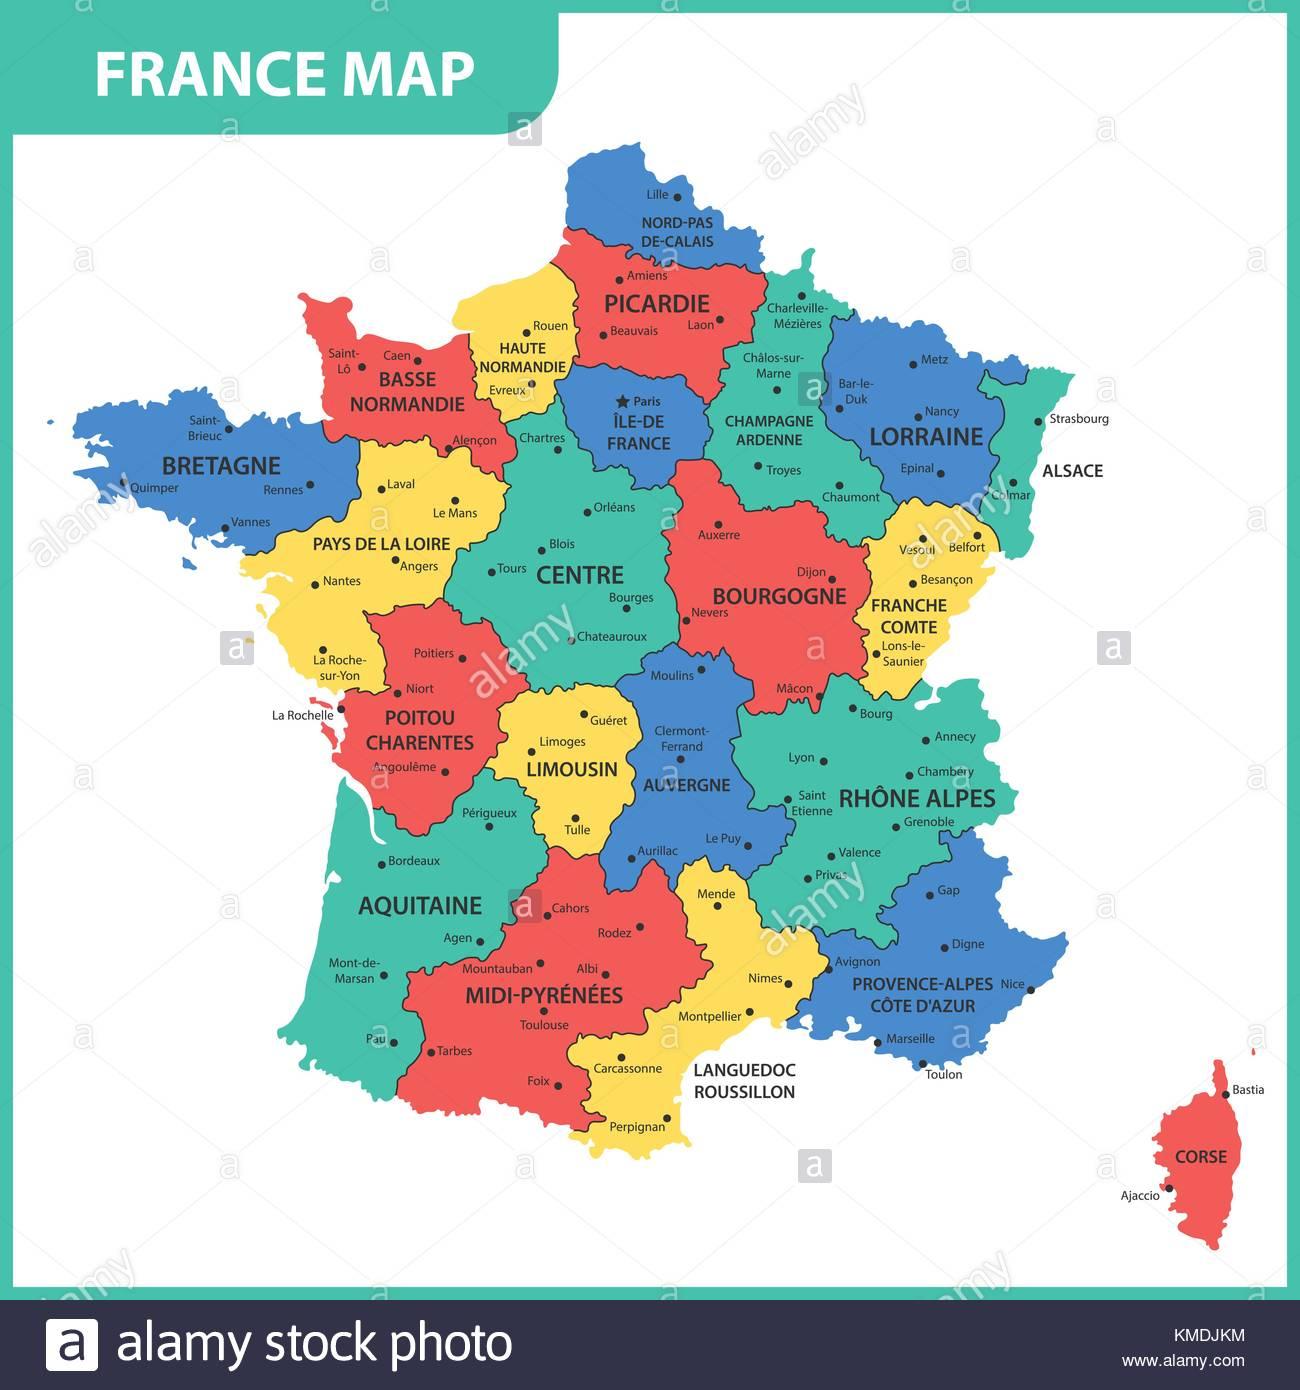 La Carte Détaillée De La France Avec Les Régions Ou États Et tout Carte De La France Avec Les Régions